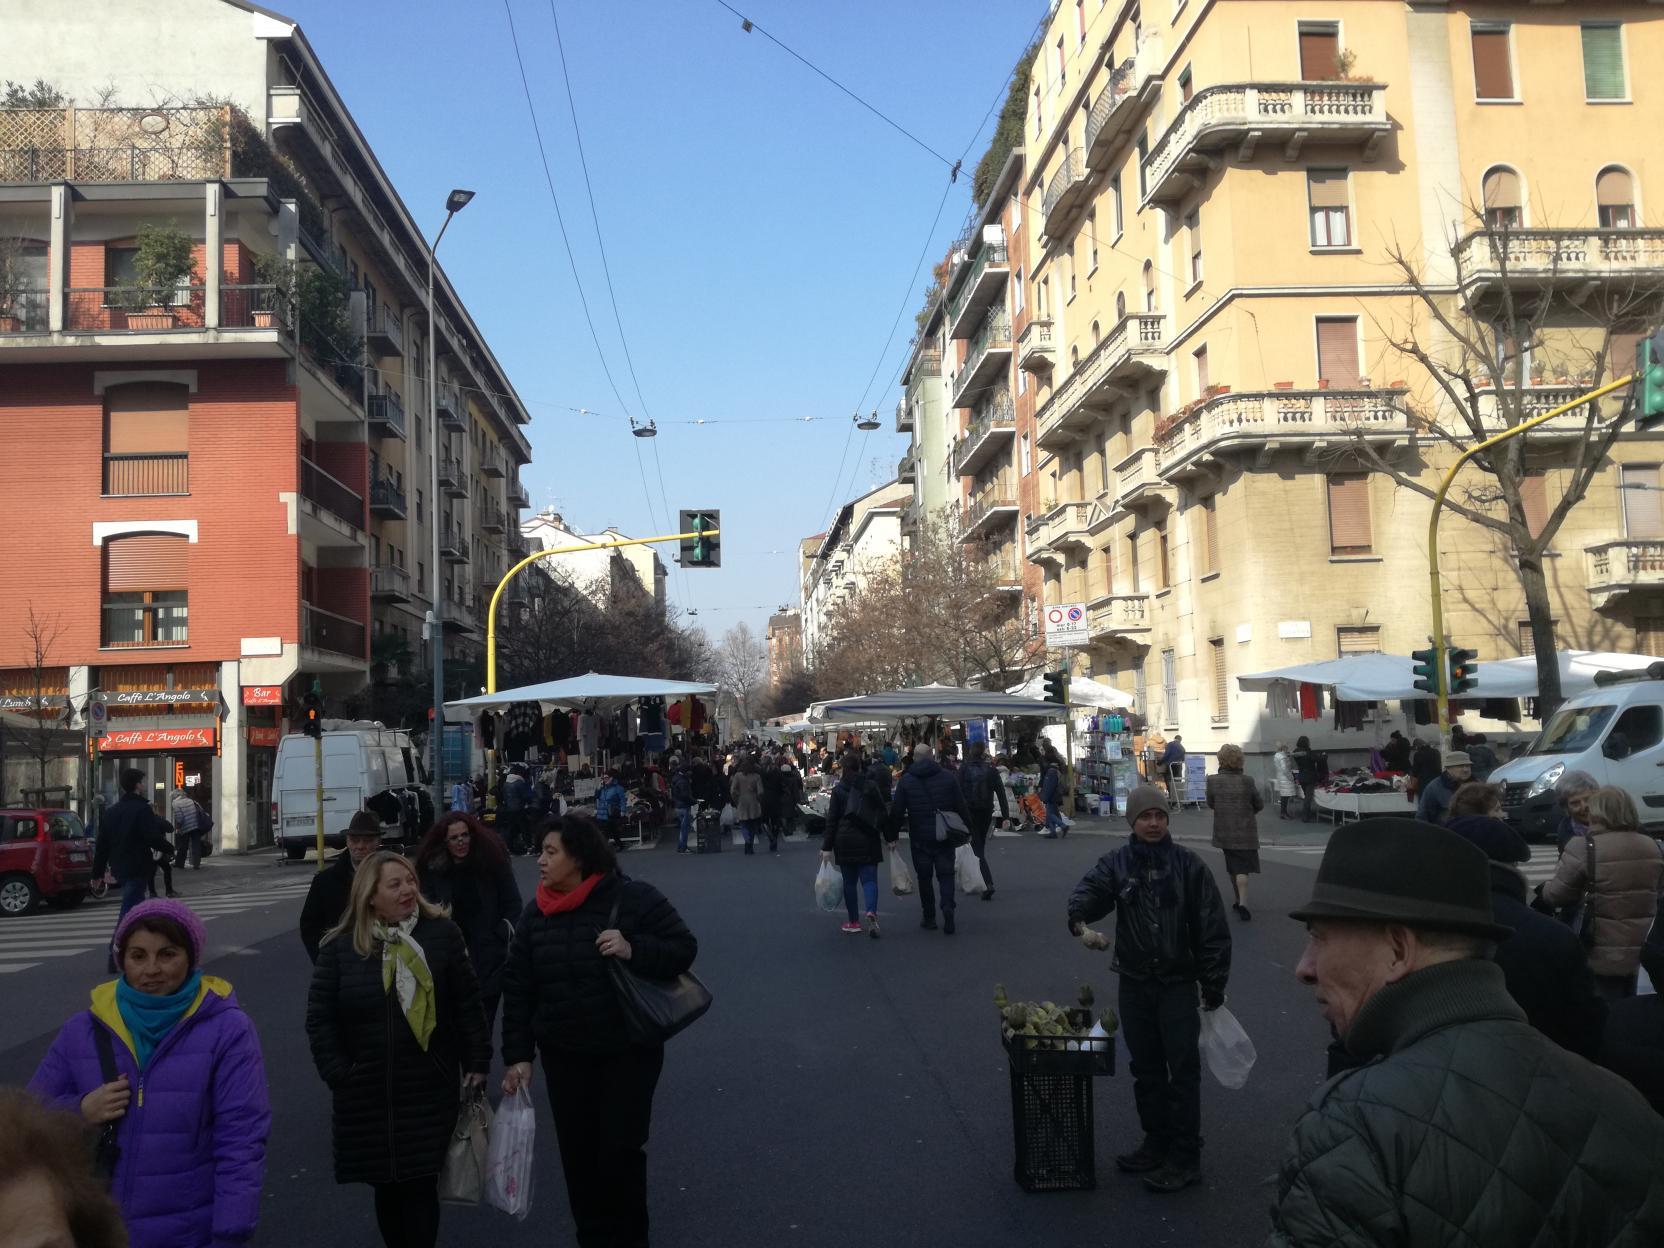 Via Fauché, a piac